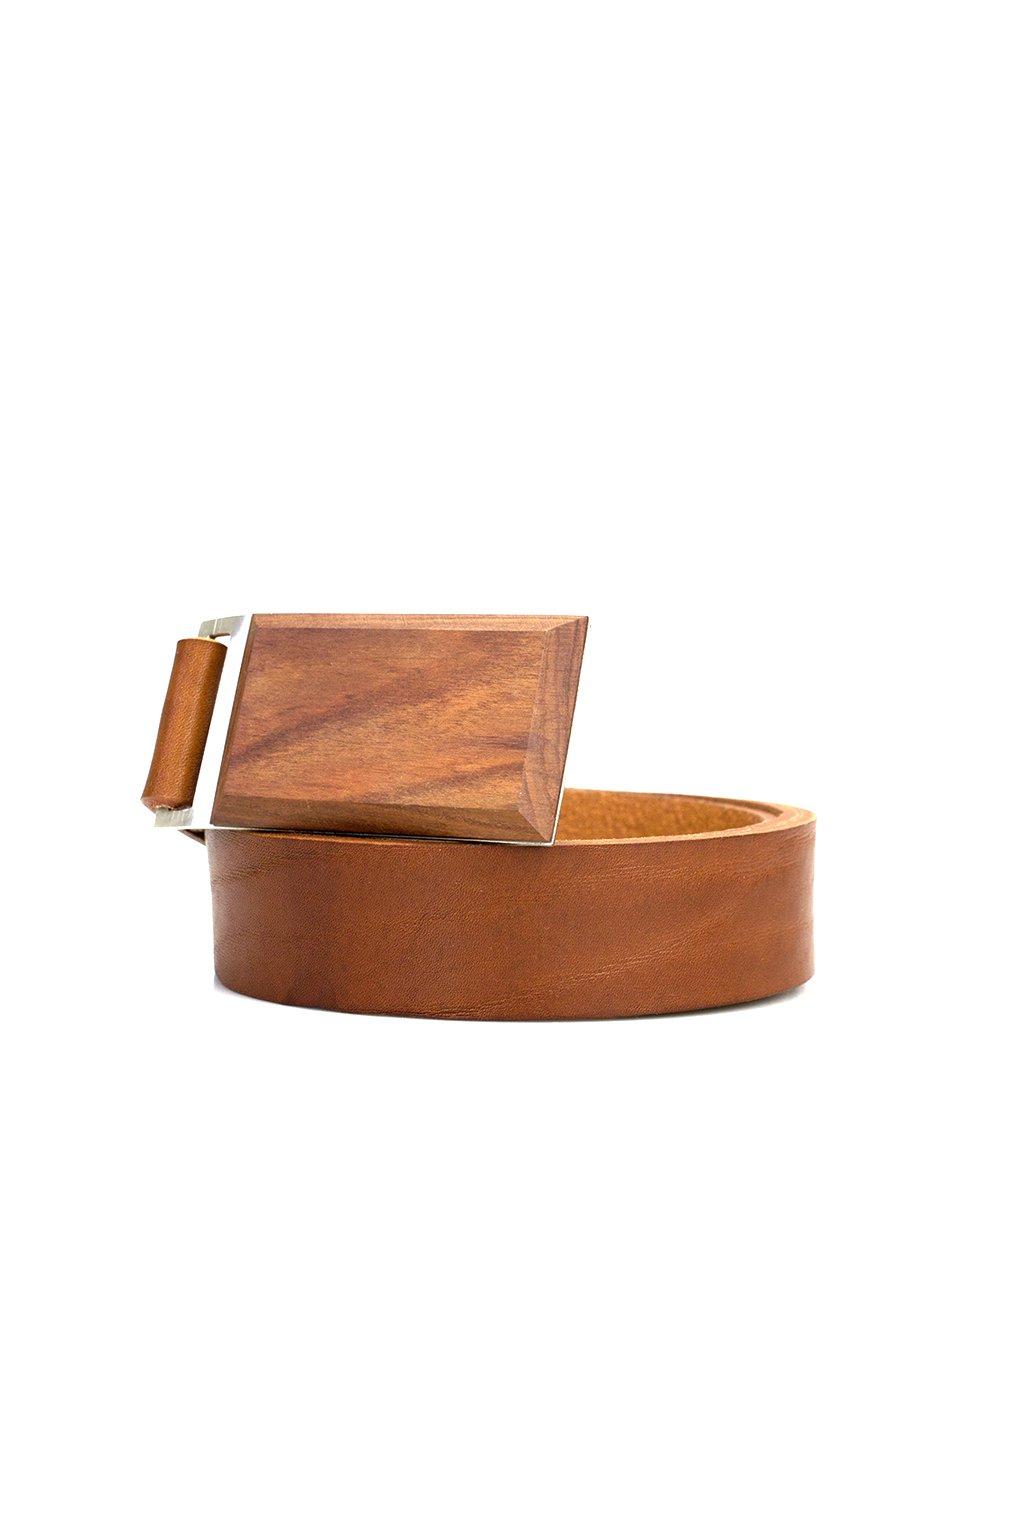 Luxusní pánský kožený opasek s dřevěnou sponou Slivoň švestka| JAA∞TY